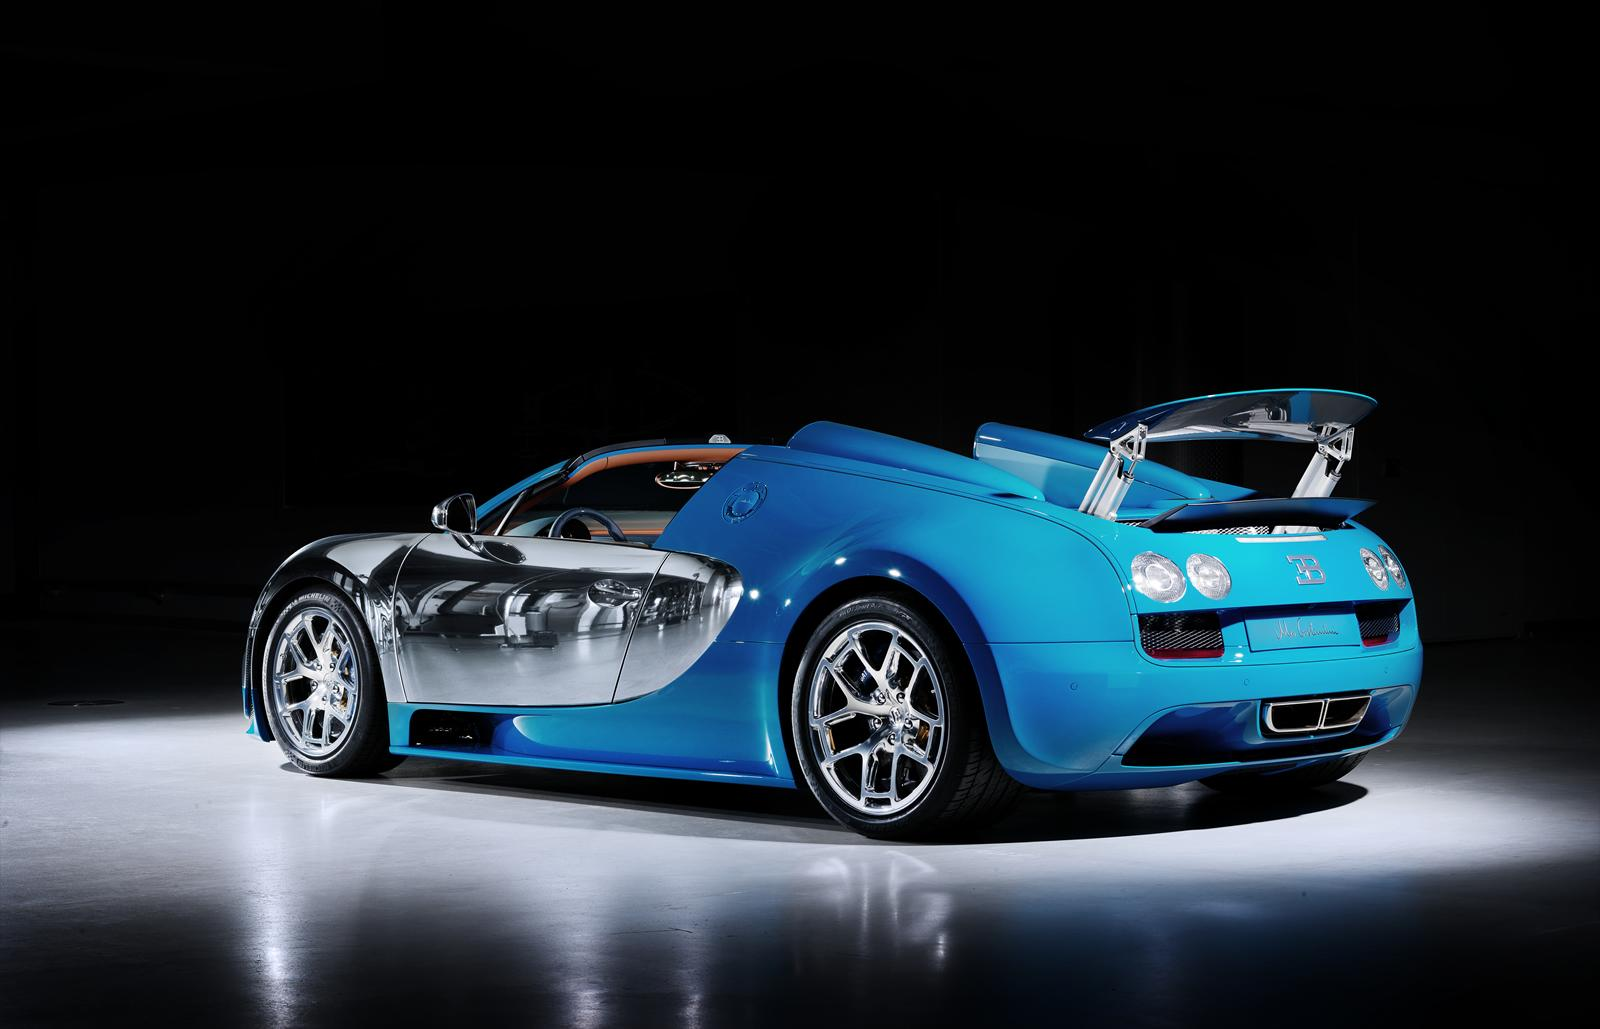 Bugatti Veyron Meo Costantini Edition Breaks Cover ...